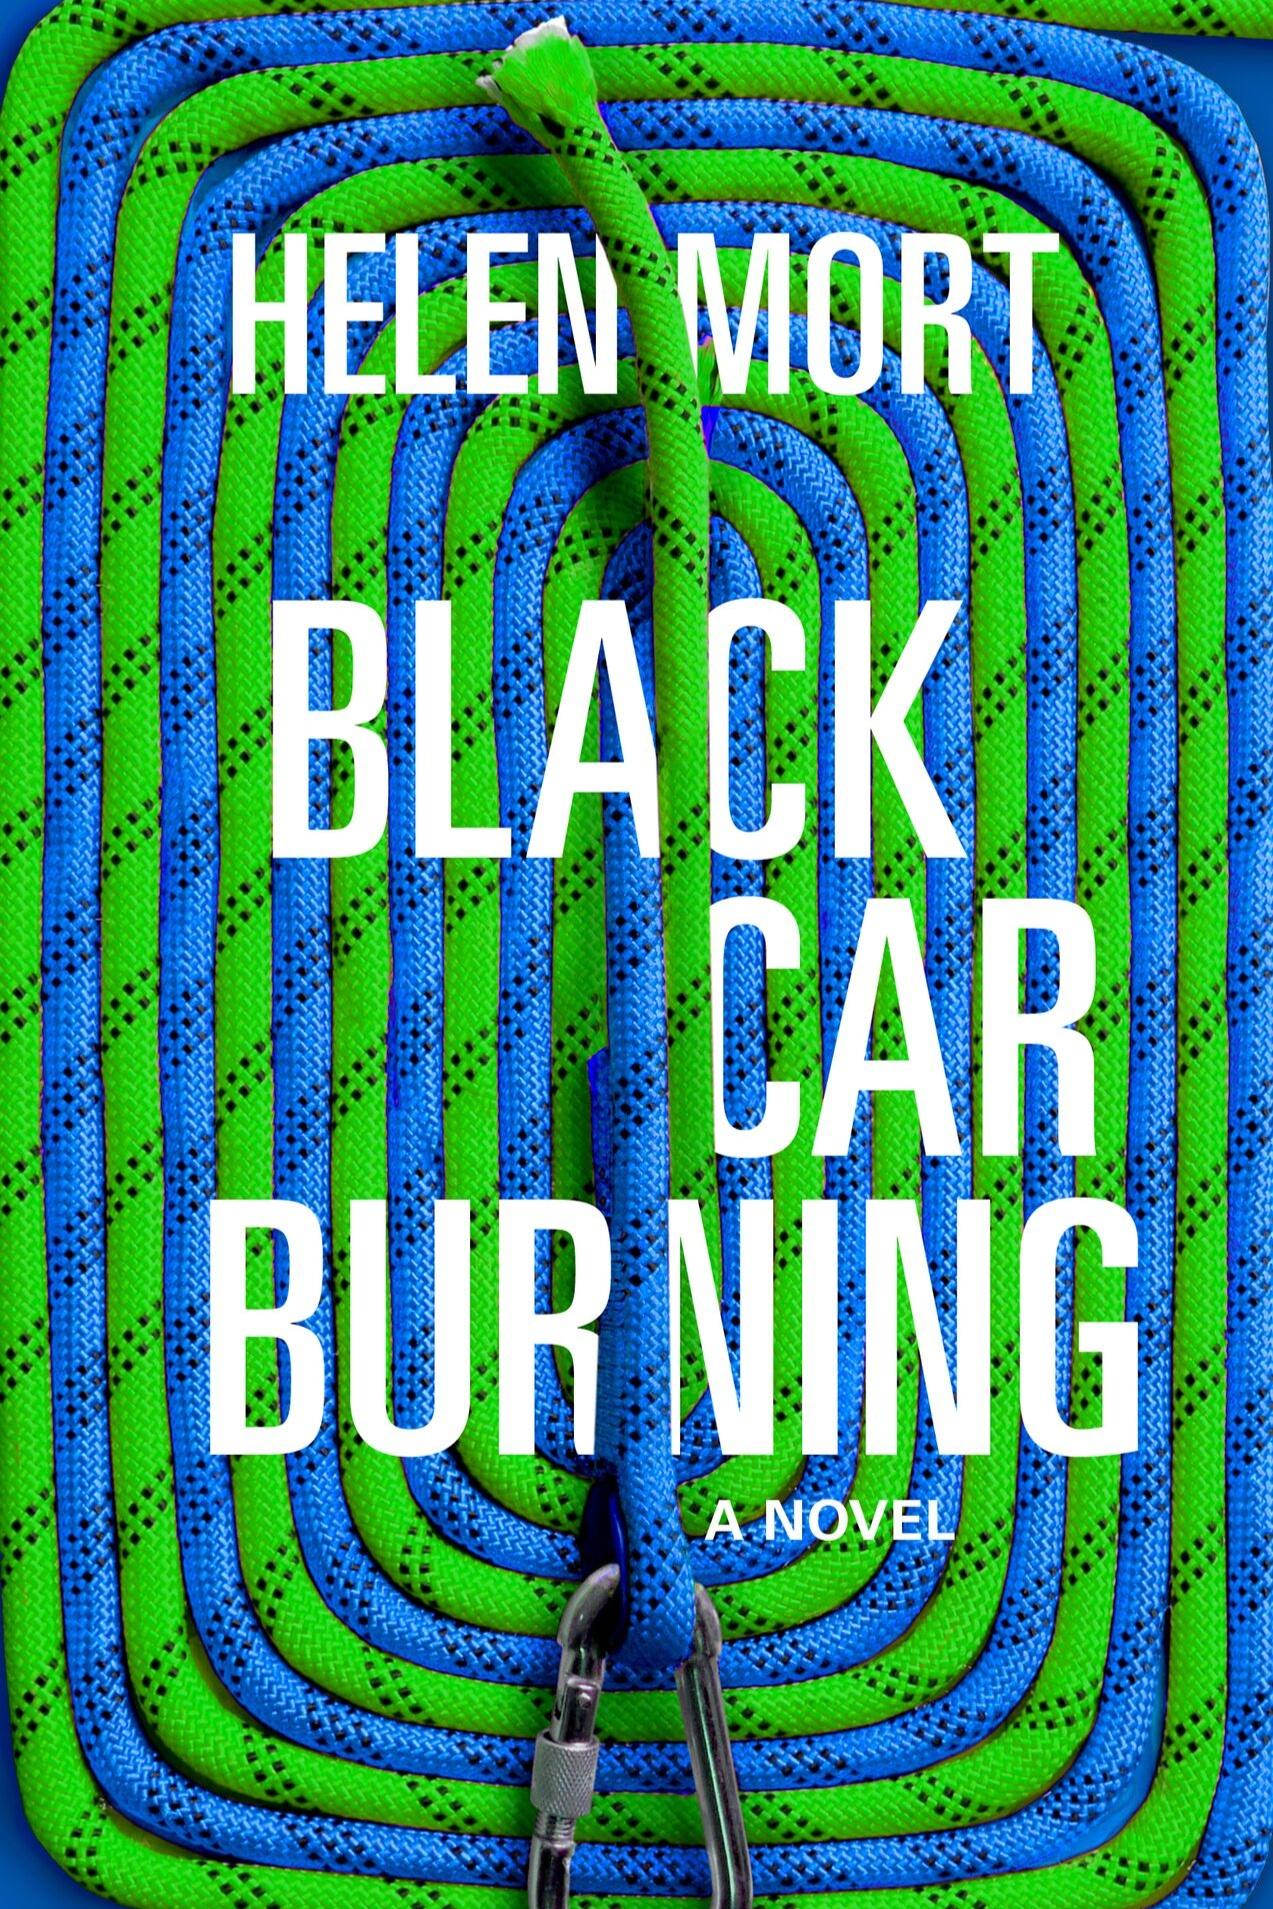 black+car+burning.jpg